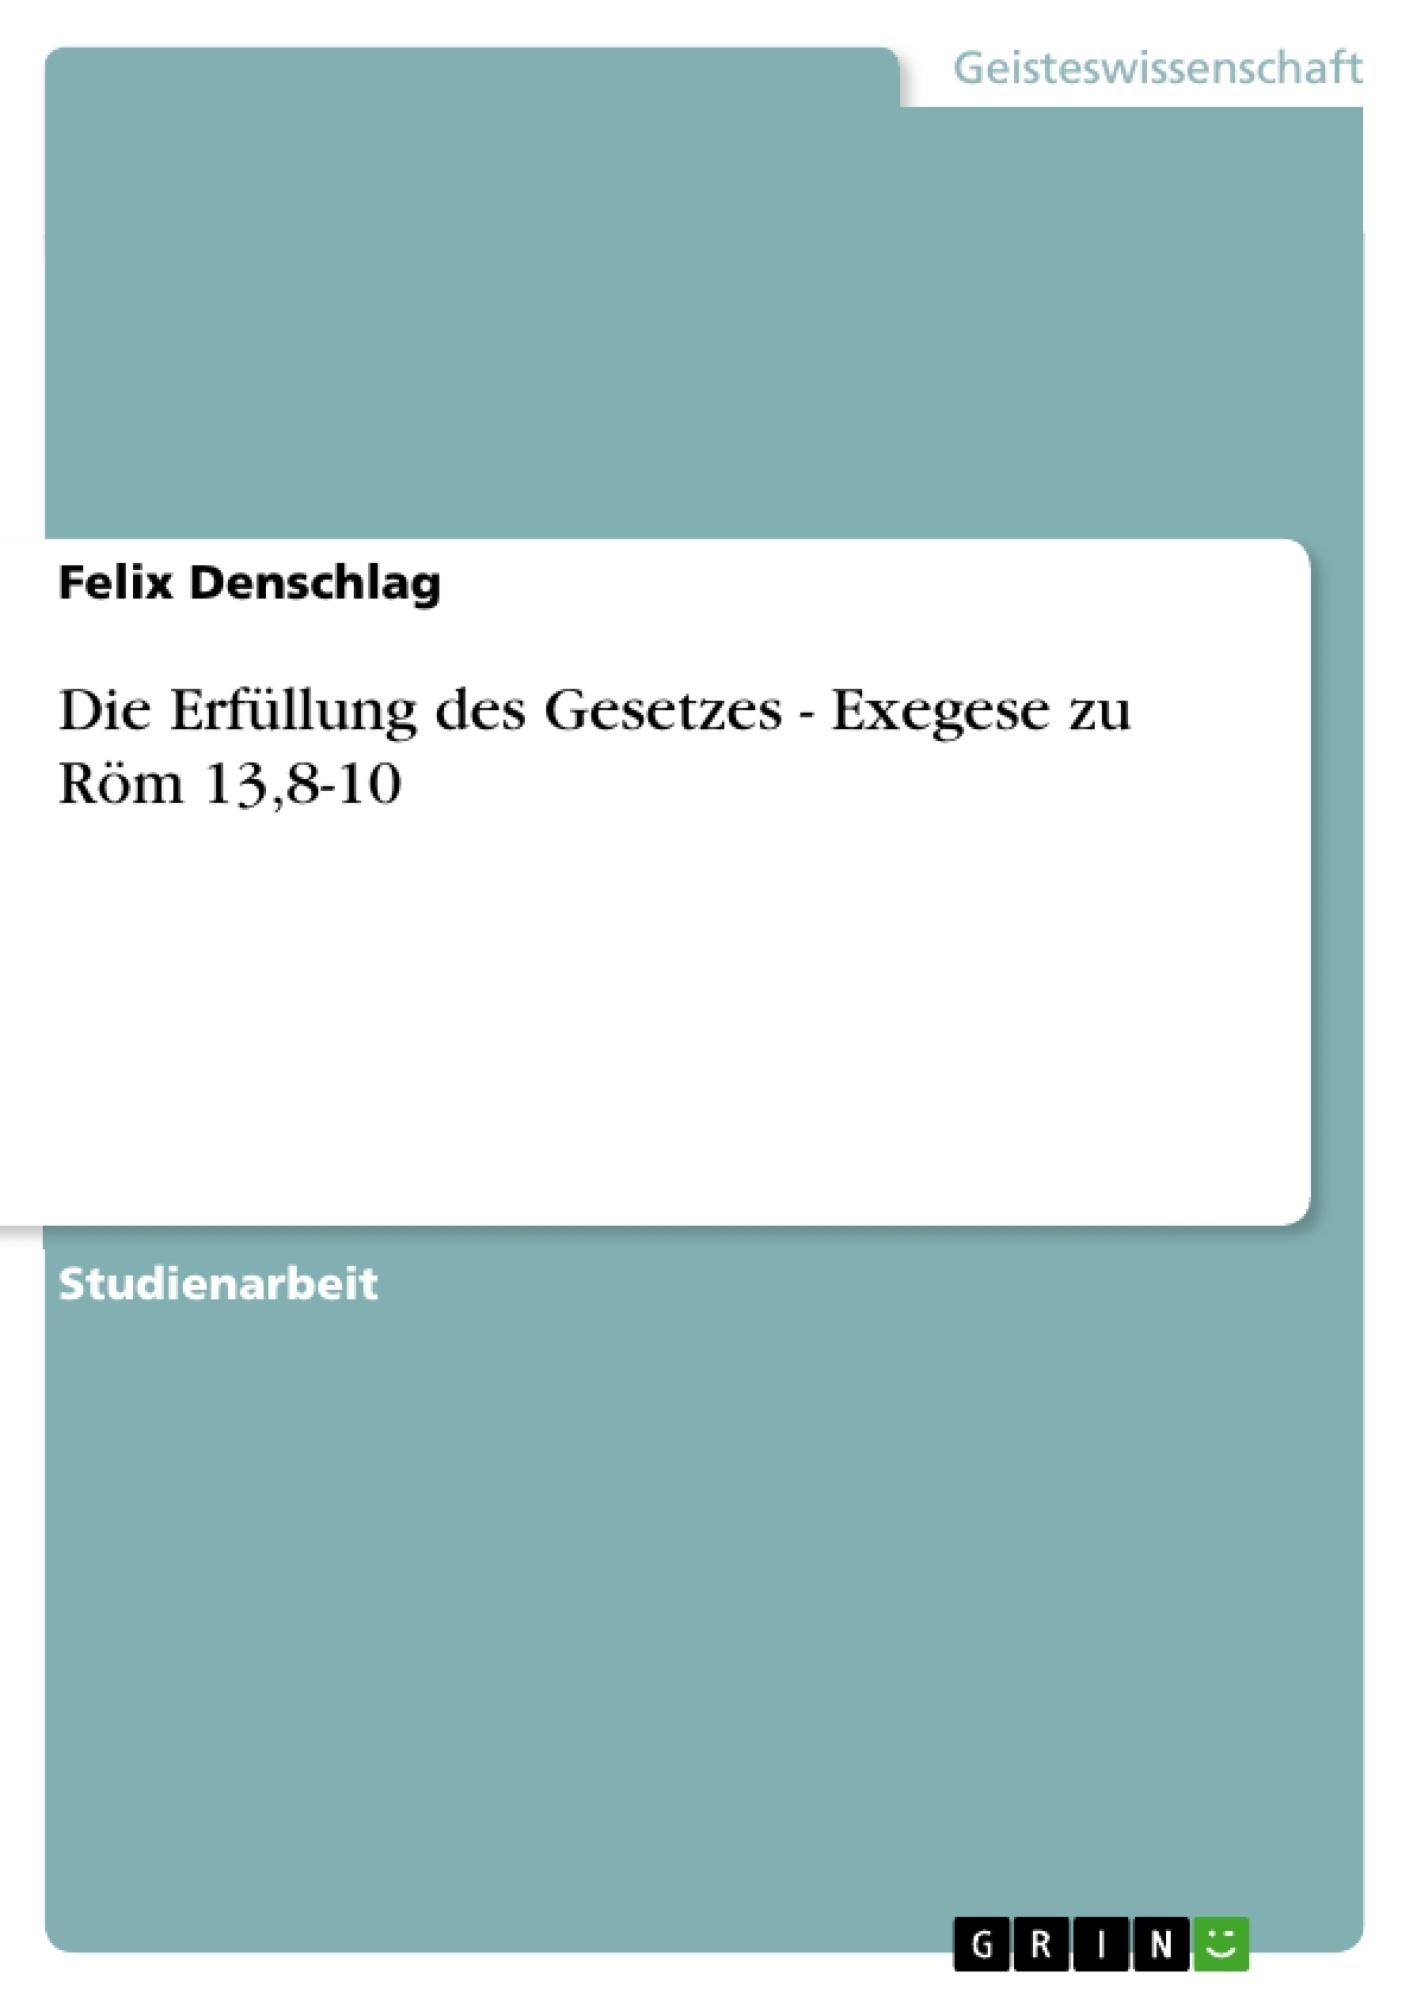 Titel: Die Erfüllung des Gesetzes - Exegese zu Röm 13,8-10